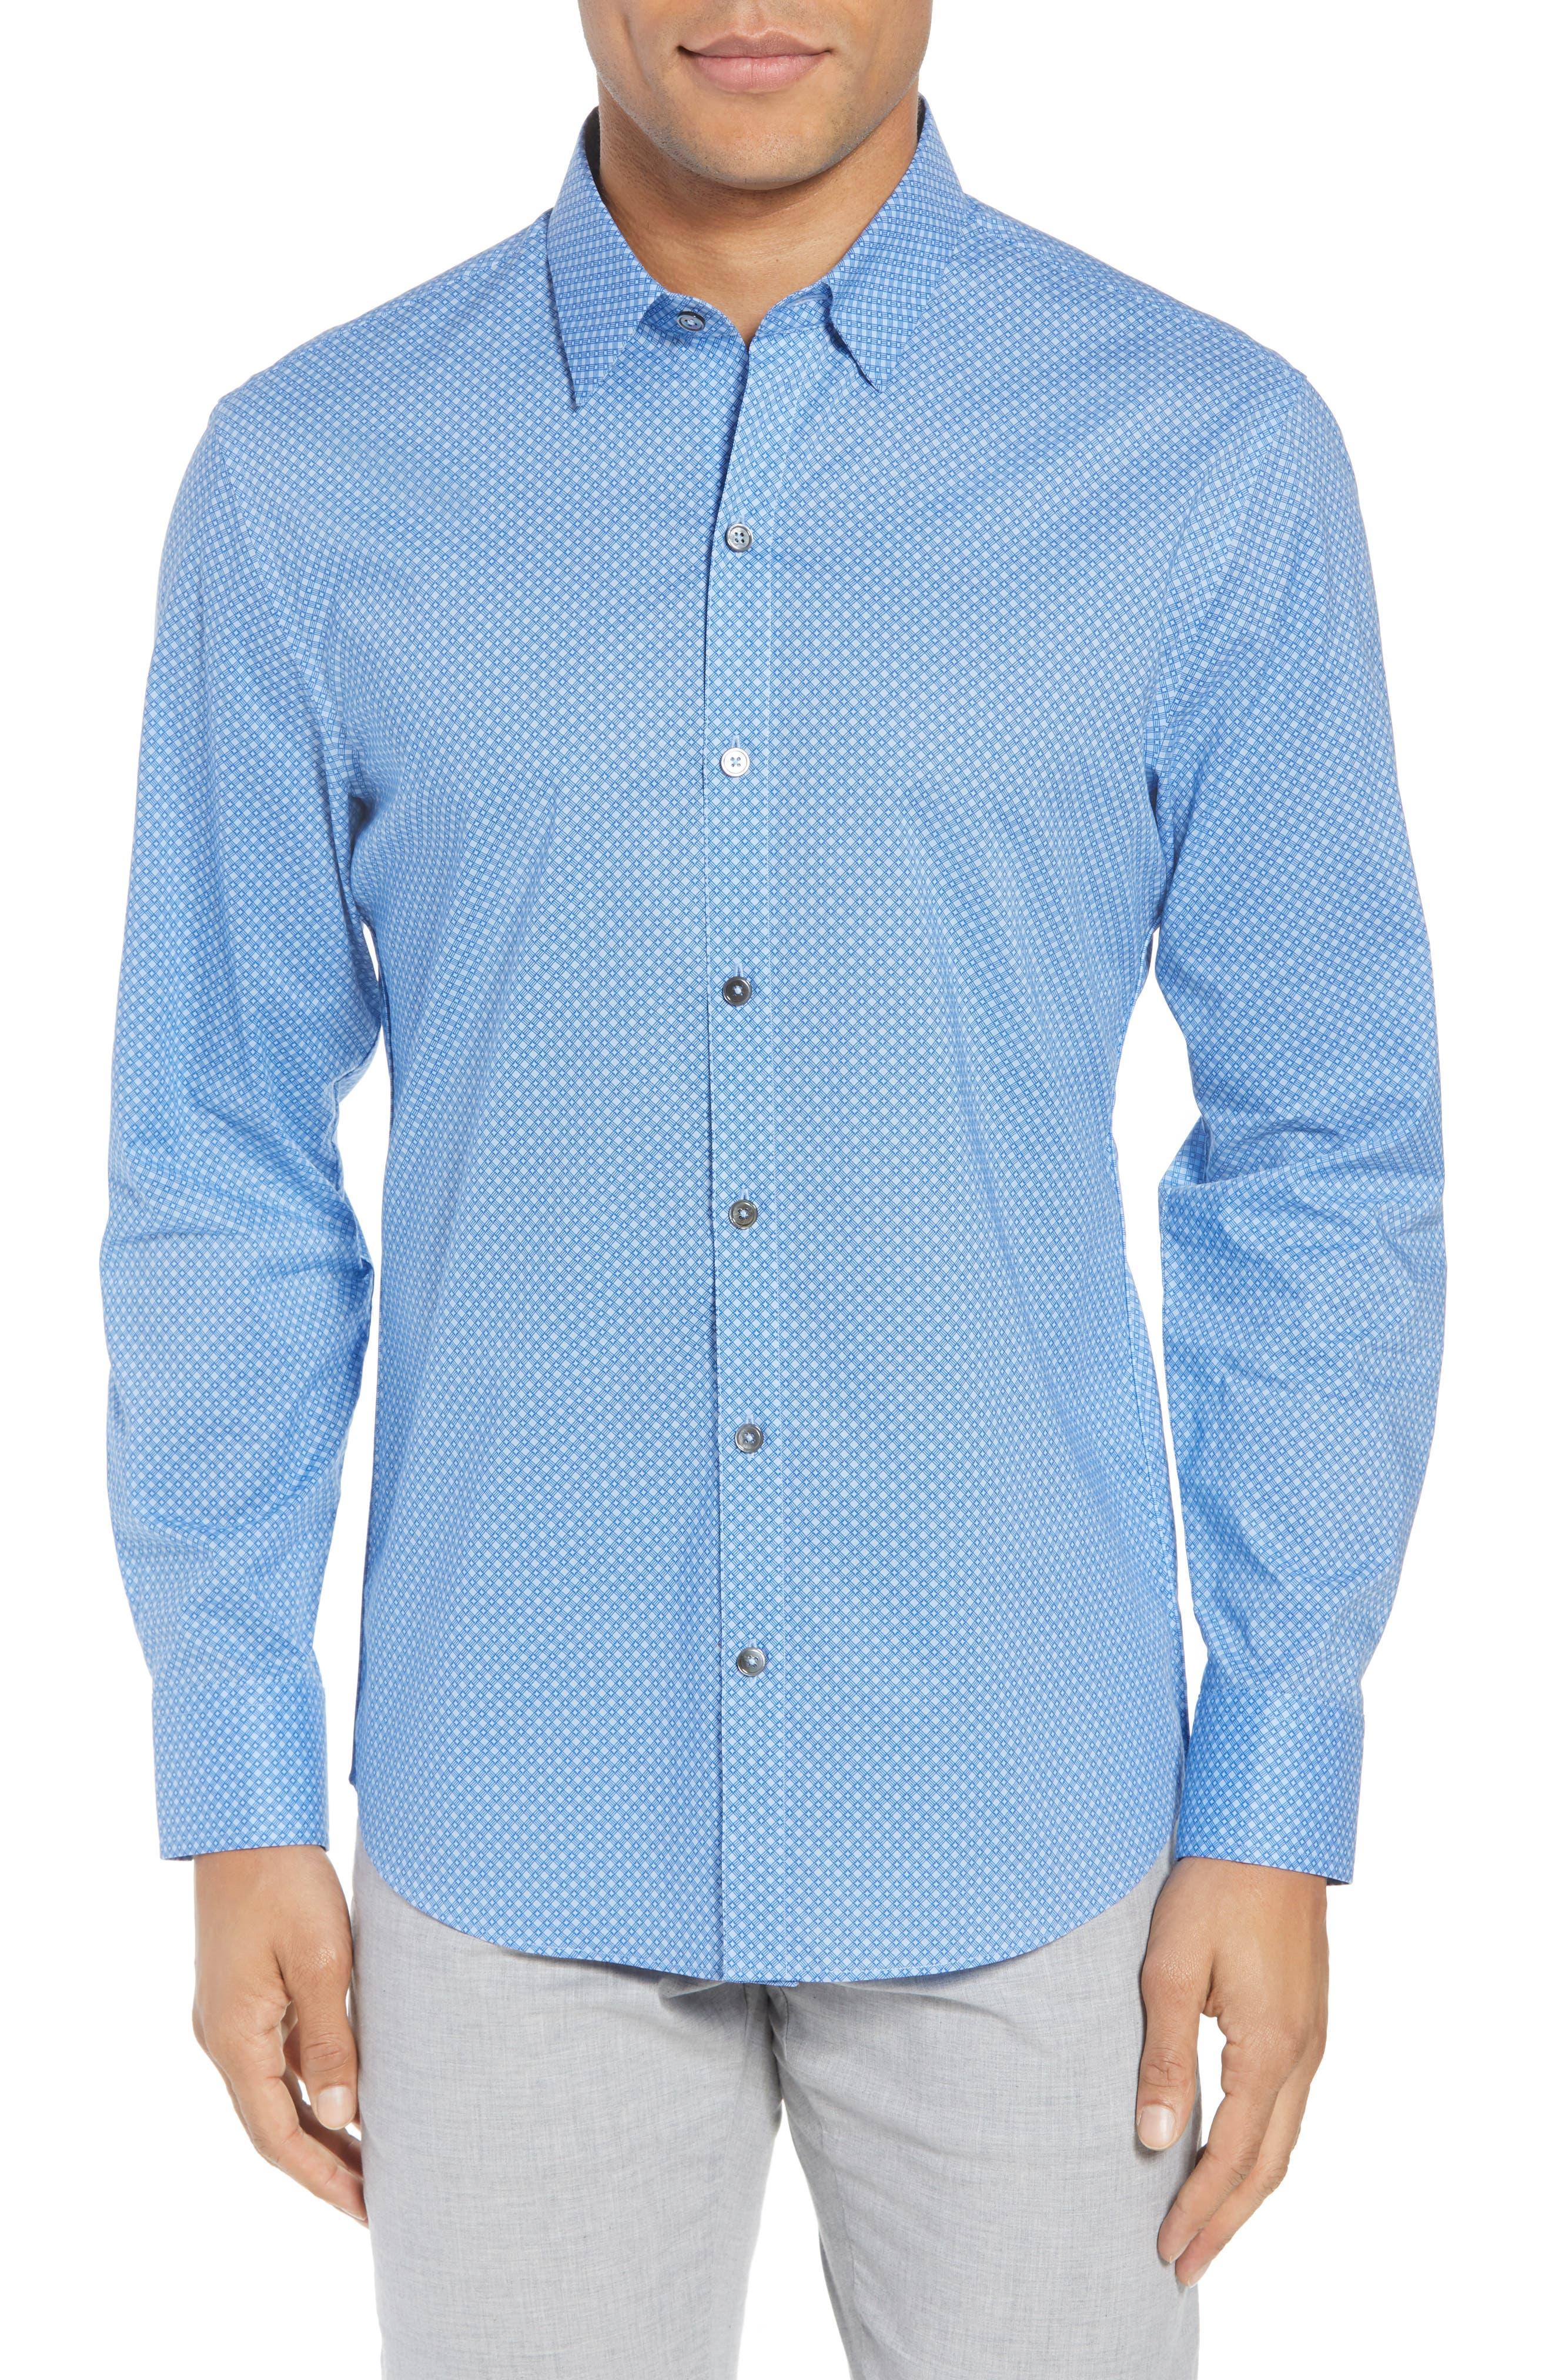 Ethan Slim Fit Sport Shirt,                         Main,                         color, Blue